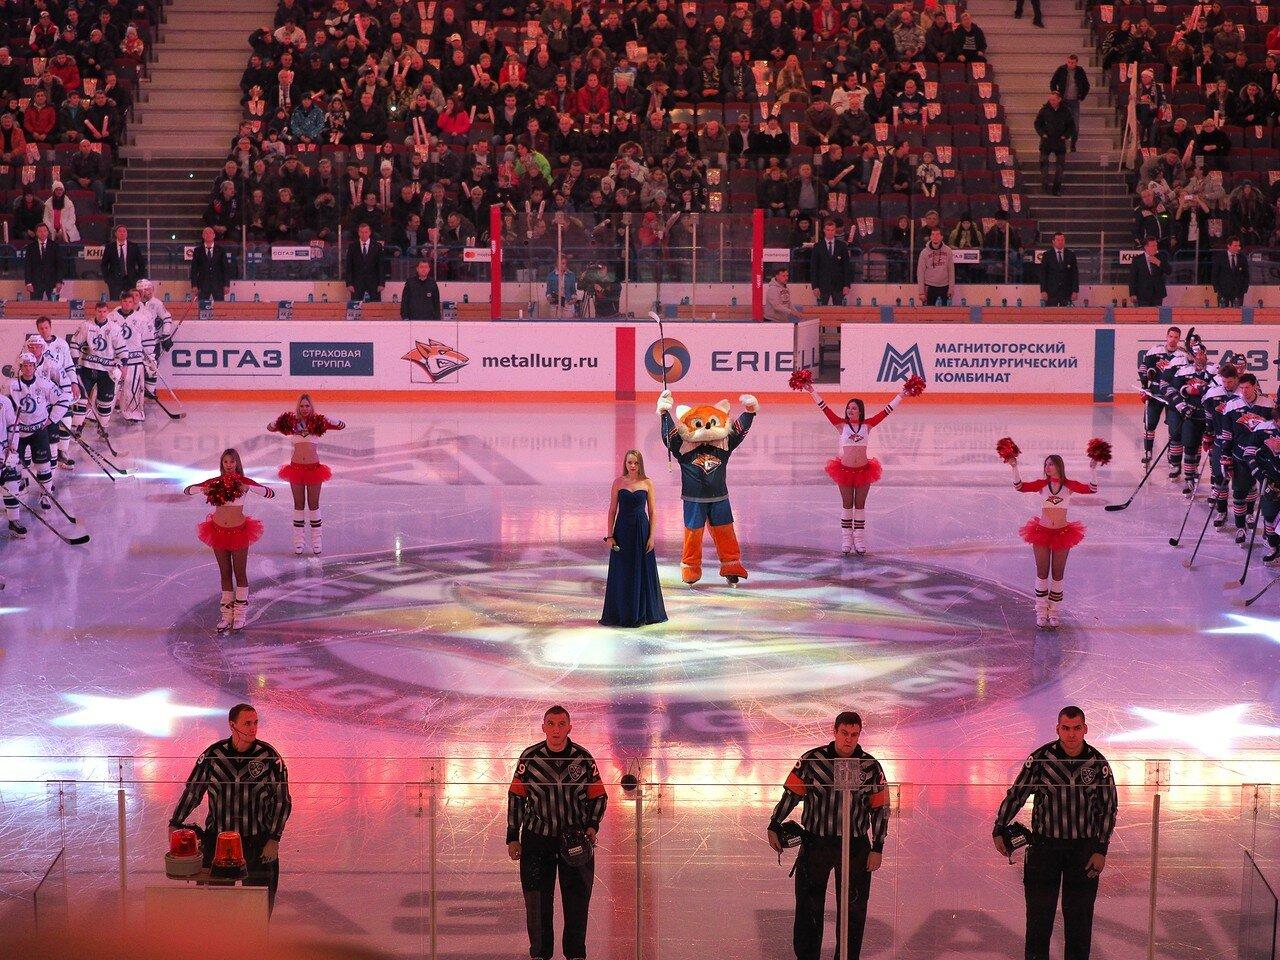 64Металлург - Динамо Москва 21.11.2016